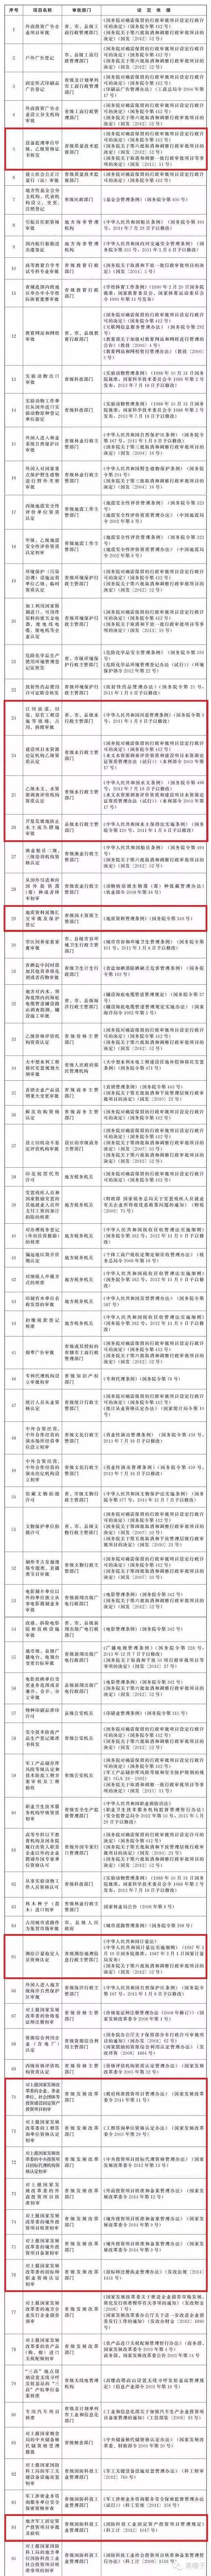 国务院:取消152项中央指定地方实施的行政审批事项